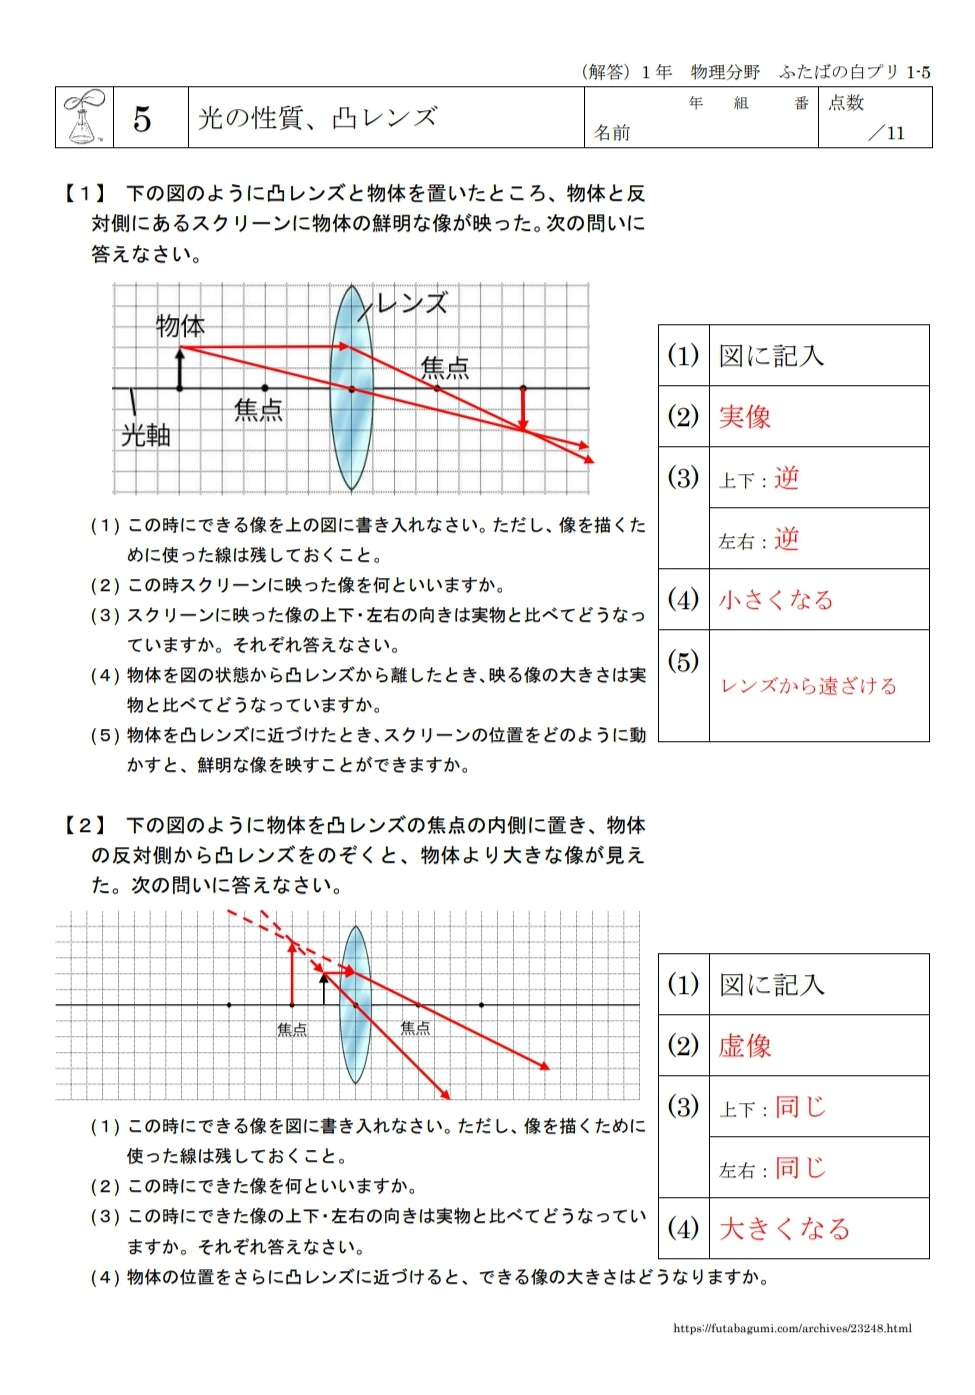 ふたばの白プリ1-5「光の性質、凸レンズ」「凸レンズワークシート」を公開しました。